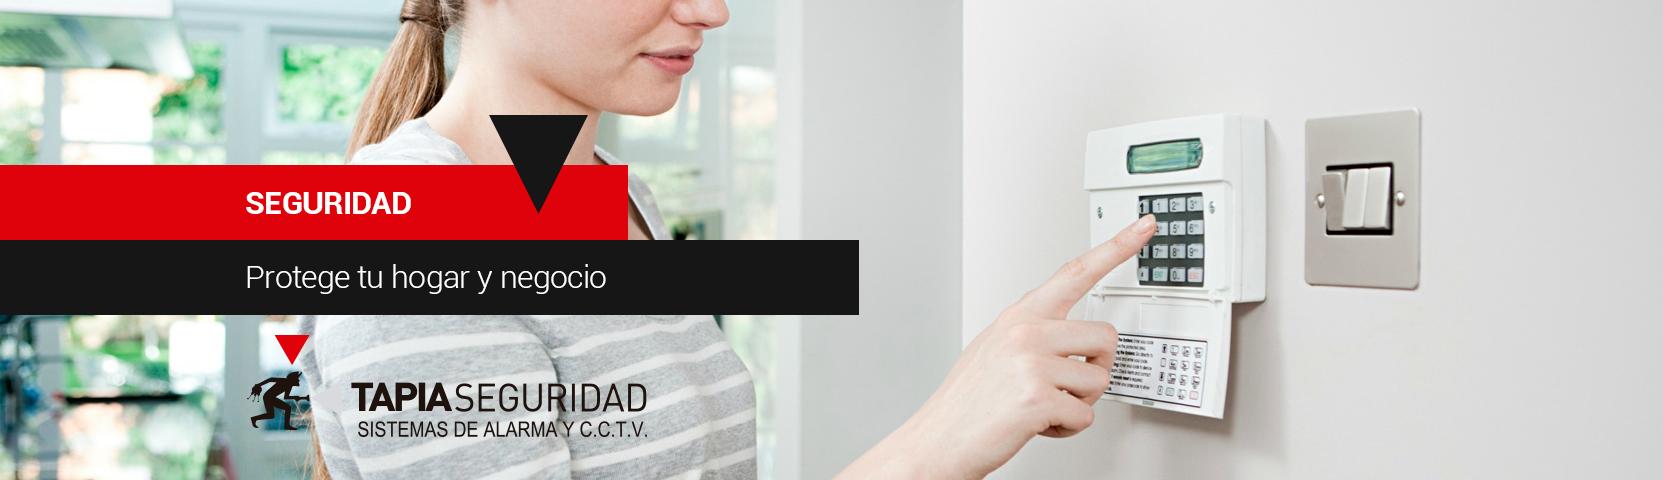 Sistemas de seguridad para tu hogar y negocio